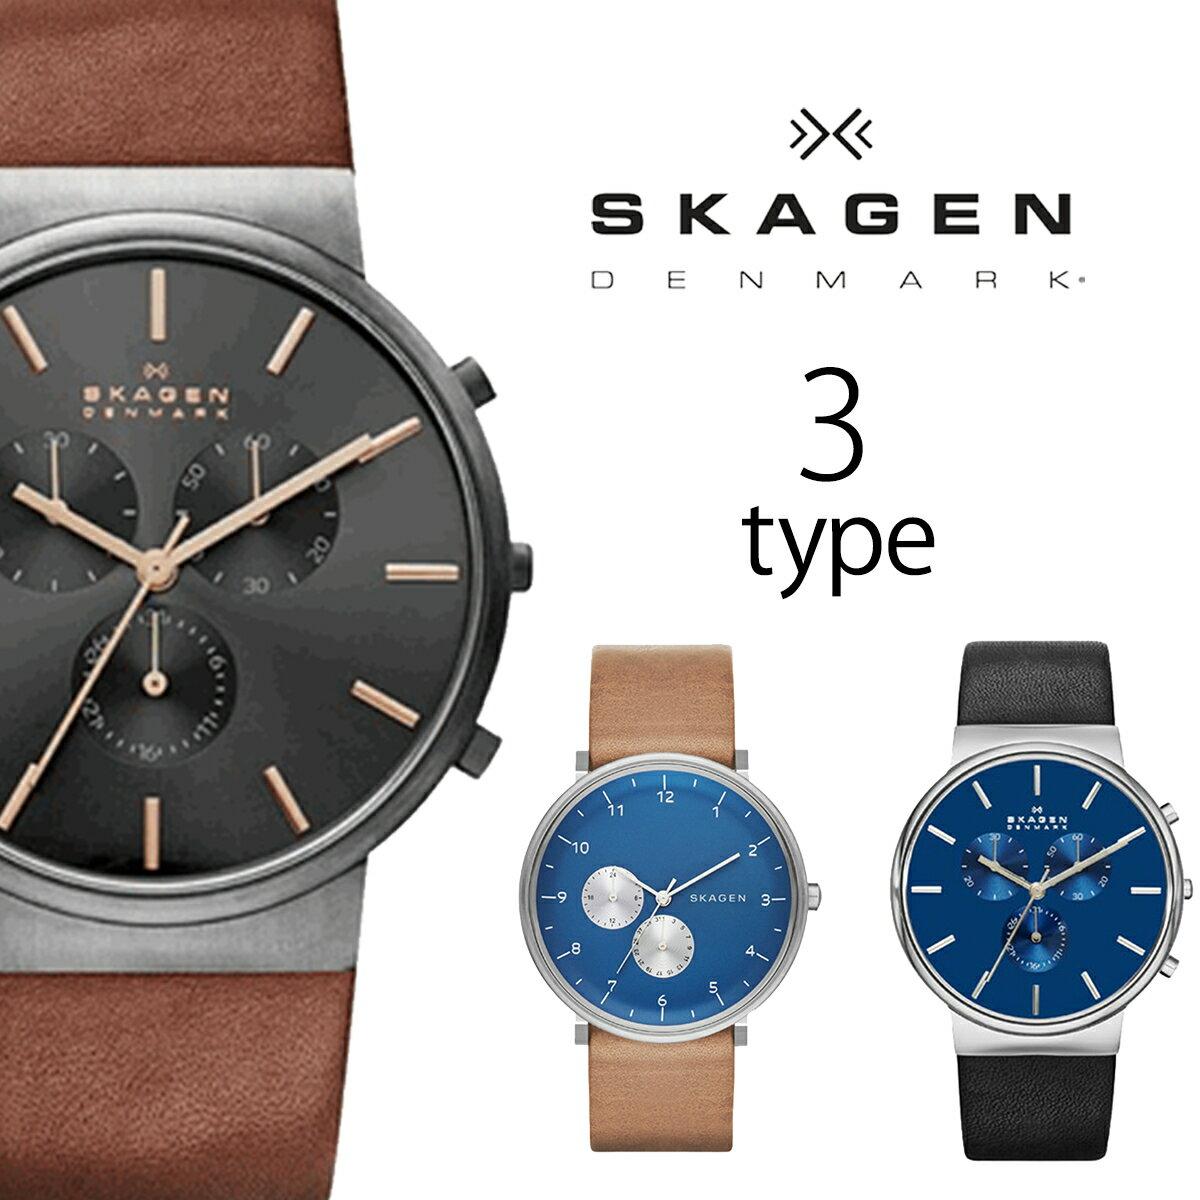 SKAGEN スカーゲン 3タイプ skw6105 skw6106 skw6167 時計 腕時計 メンズ レディース ユニセックス 北欧 スリム プレゼント ギフト [海外正規商品][送料無料][あす楽]